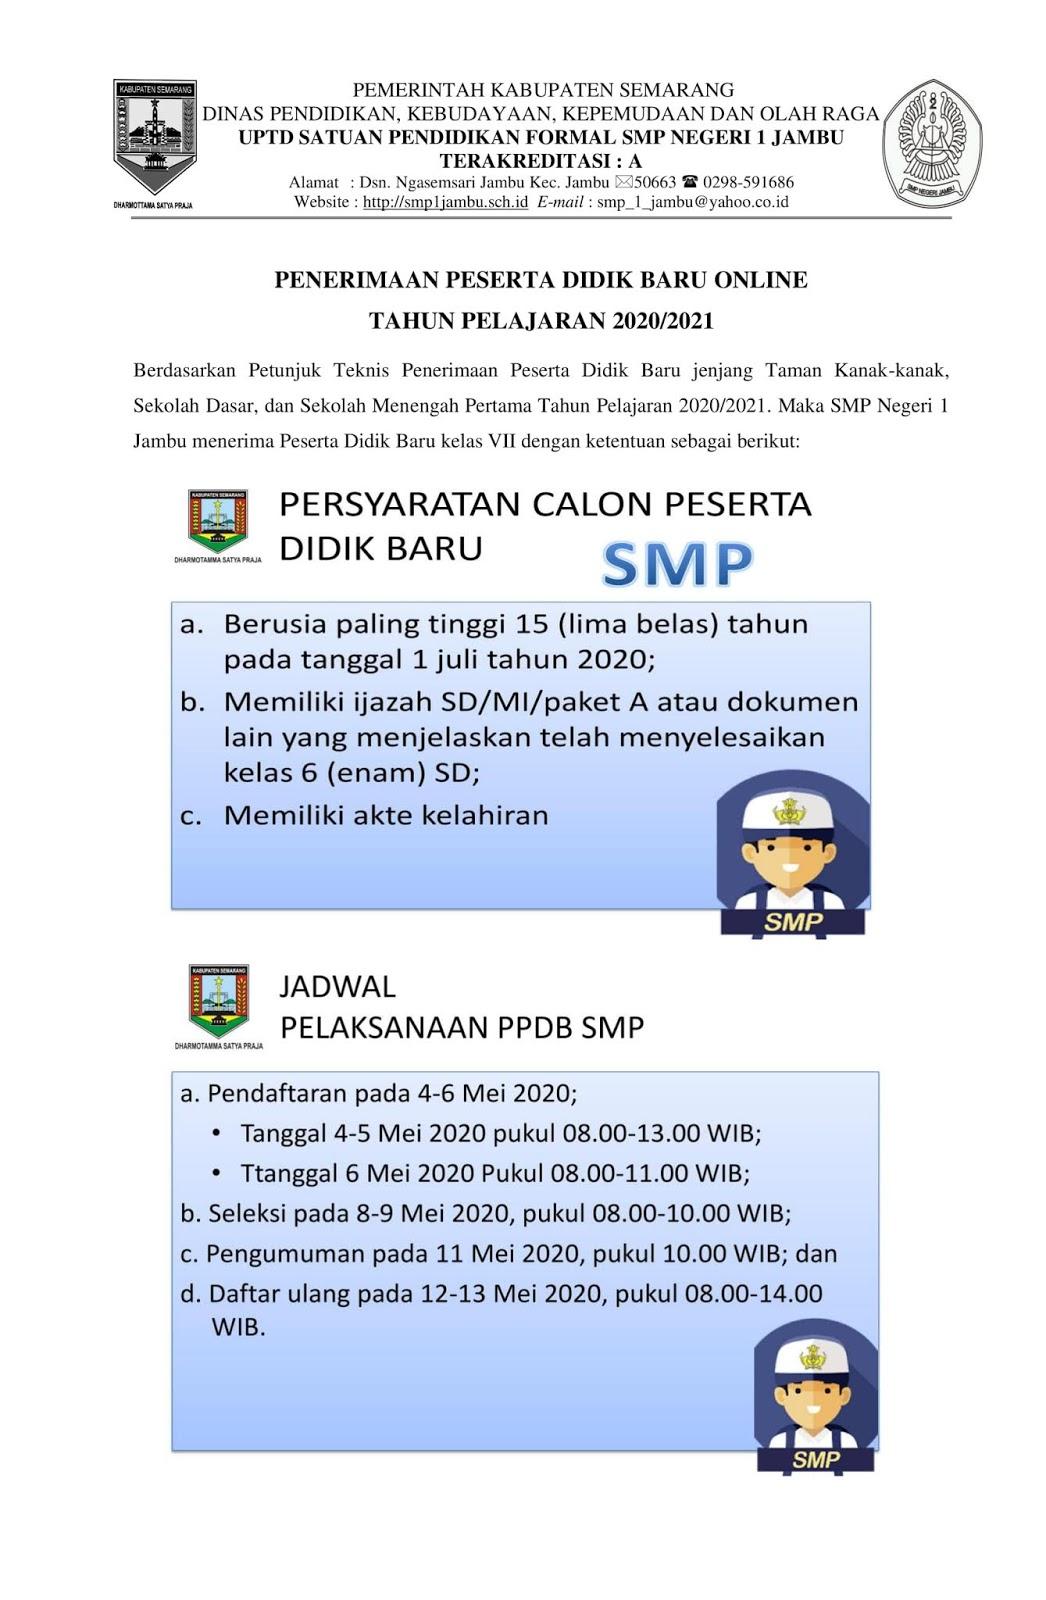 Ppdb Sd Semarang 2020 : semarang, Negeri, Jambu:, INFORMASI, PENERIMAAN, PESERTA, DIDIK, TAHUN, PELAJARAN, 2020/2021